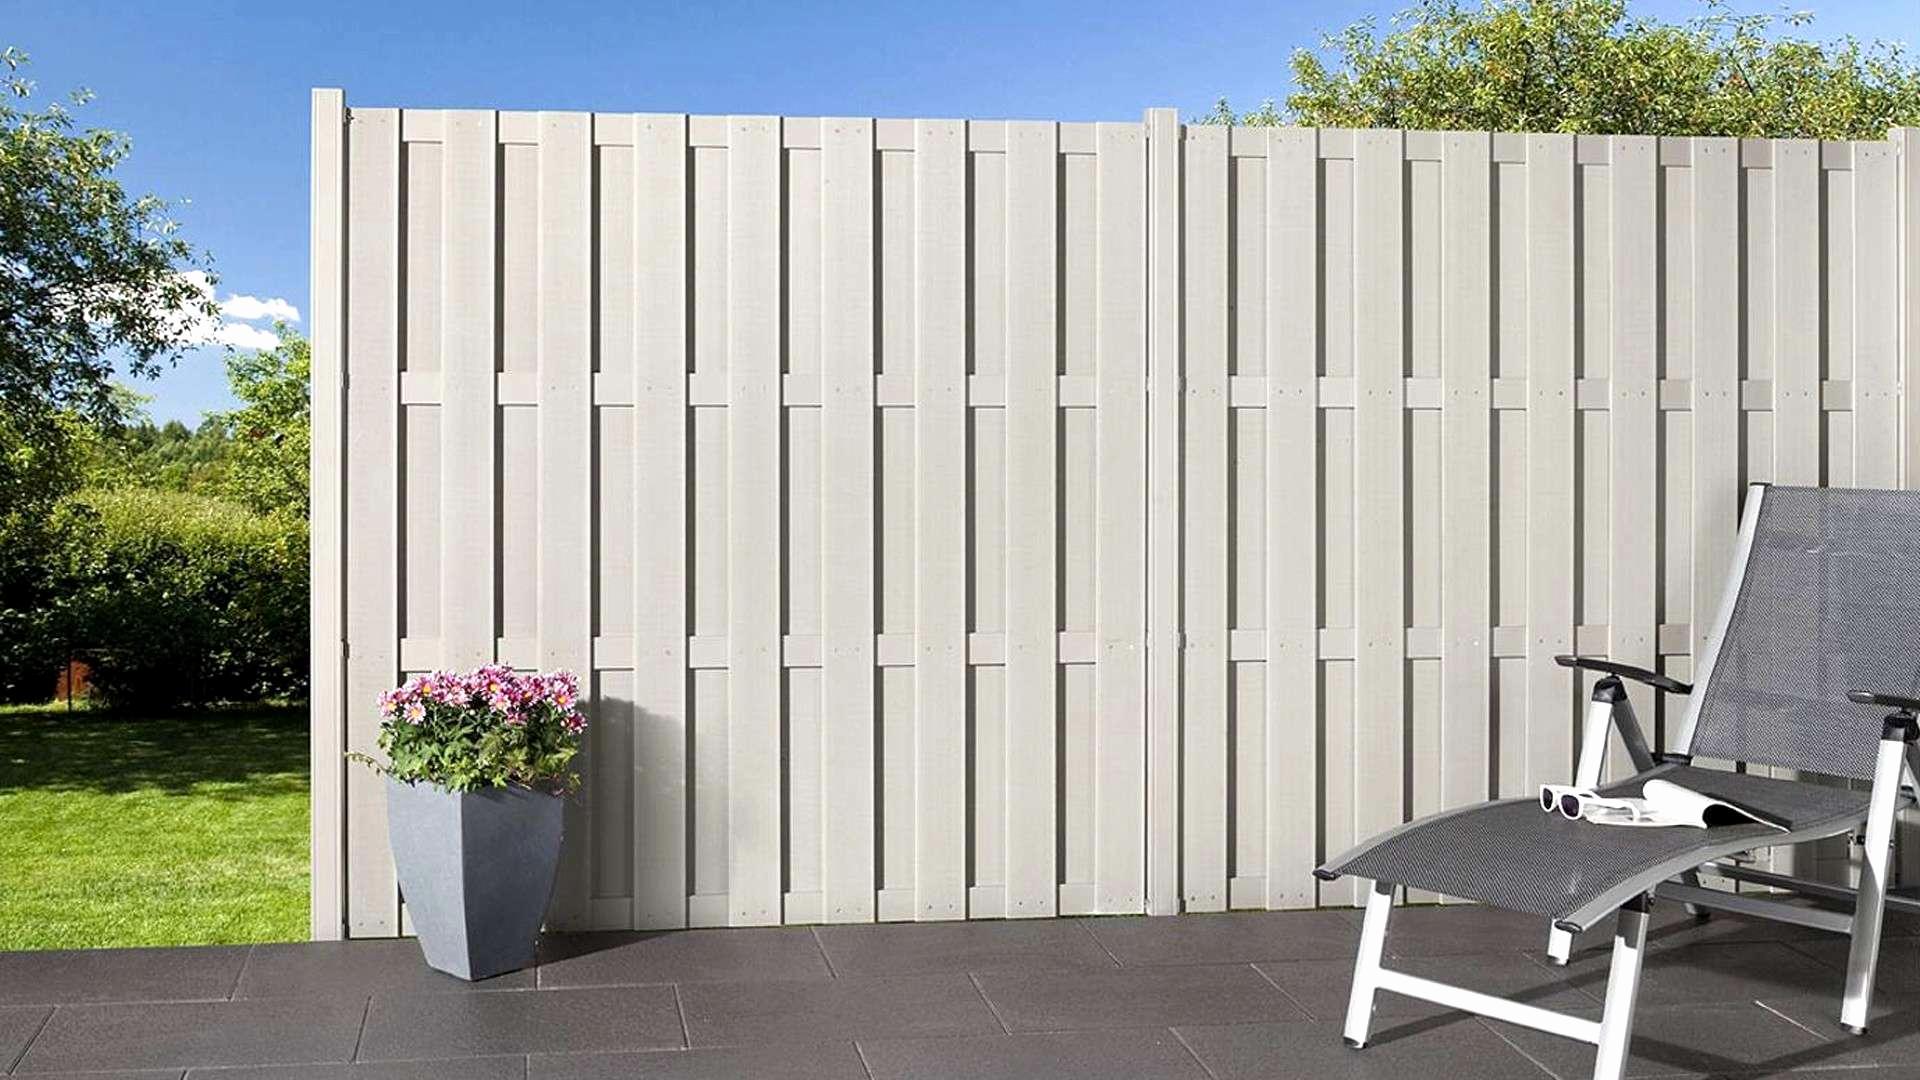 gartenzaun selber bauen ideen frisch wpc zaun selber bauen schon terrasse wpc terrasse terrasse 0d design of gartenzaun selber bauen ideen